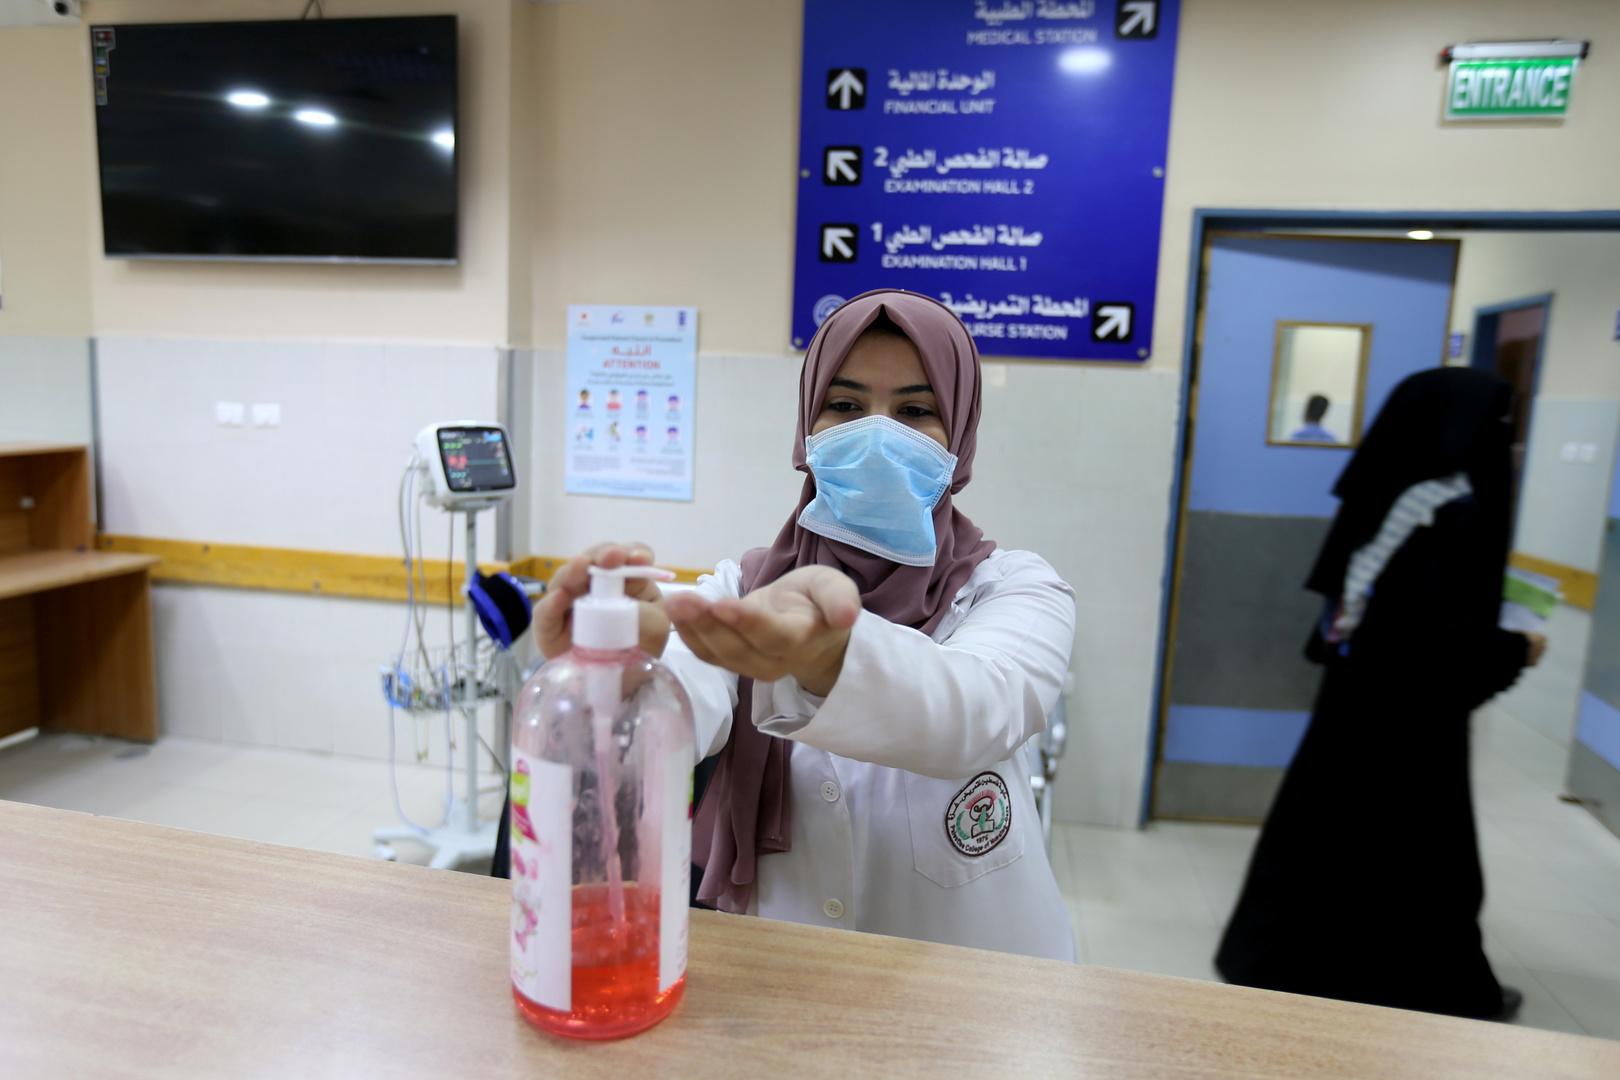 فلسطين تسجل 262 إصابة بفيروس كورونا خلال <a href='/tags/174632-%D8%A7%D9%84%D8%B3%D8%A7%D8%B9%D8%A7%D8%AA'>الساعات</a> الـ24 الماضية